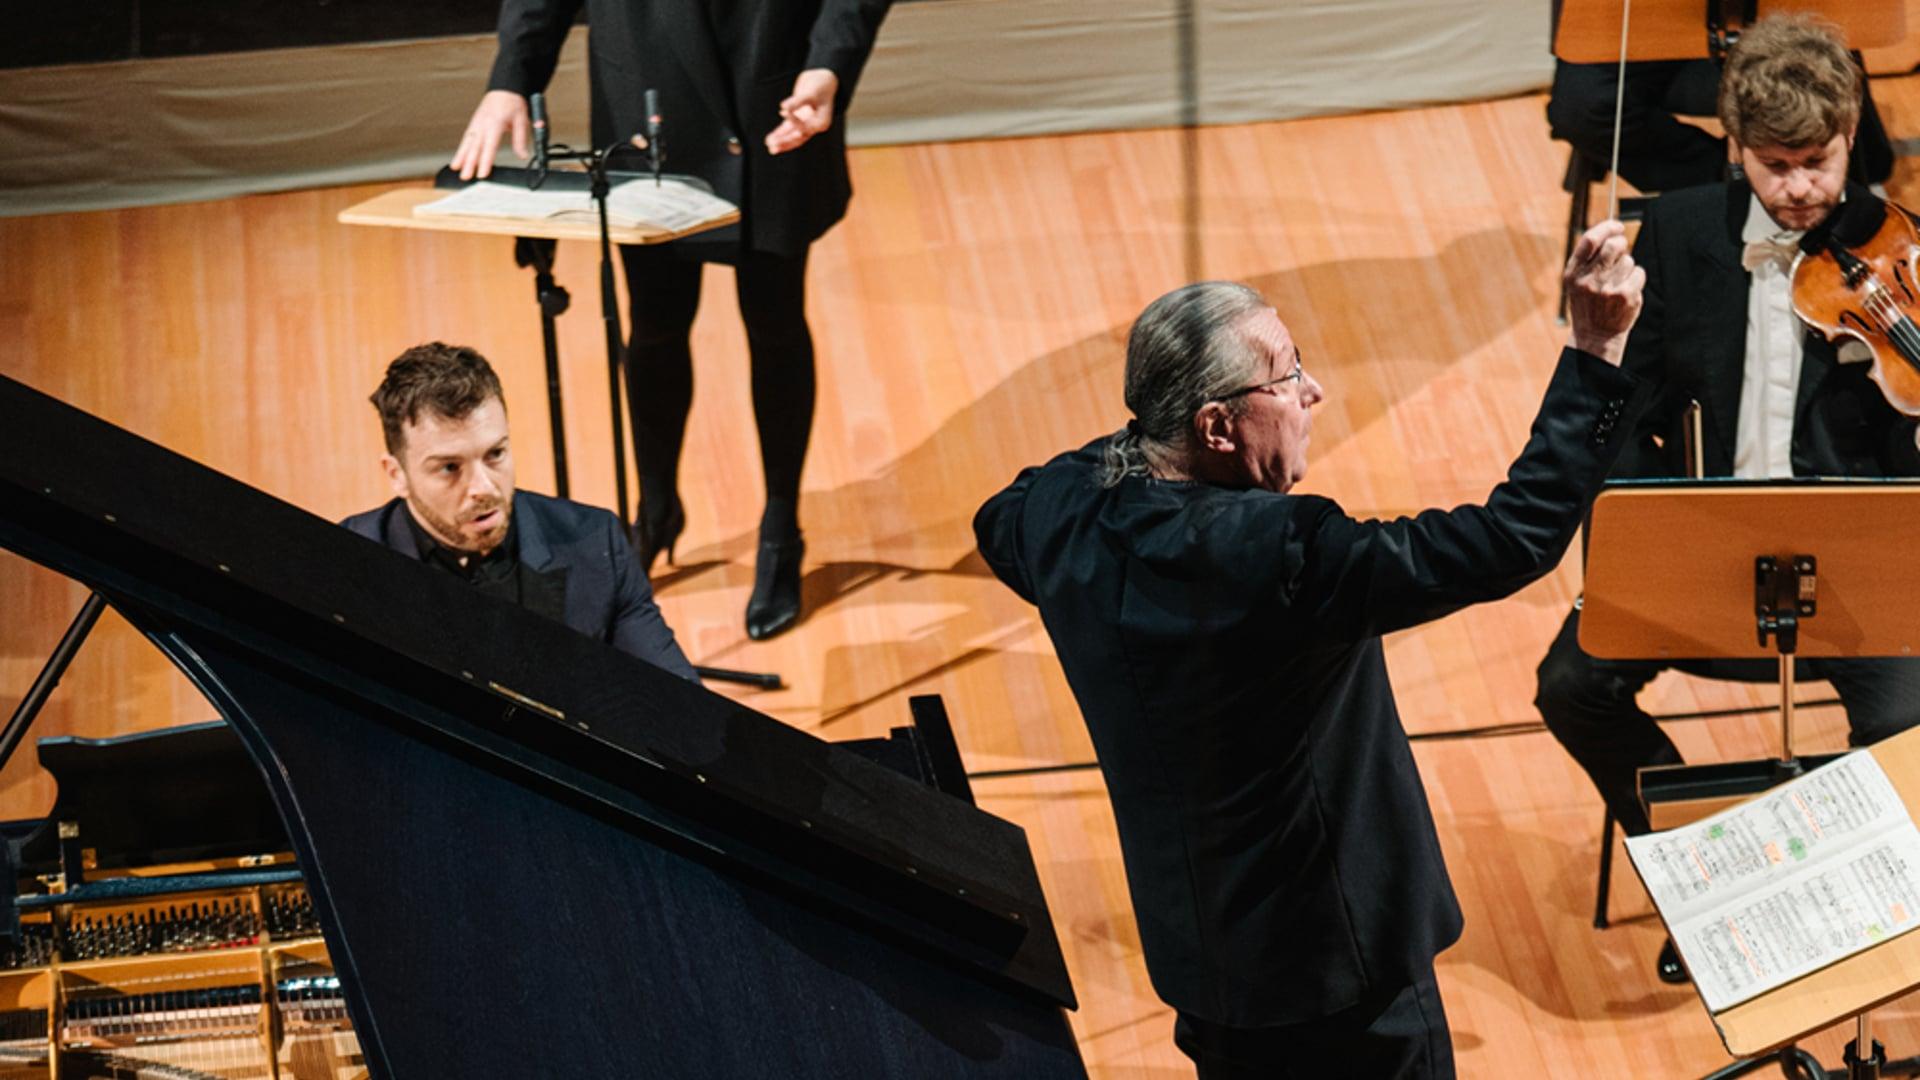 Internationales Musikfest Hamburg * Symphoniker Hamburg * Sylvain Cambreling